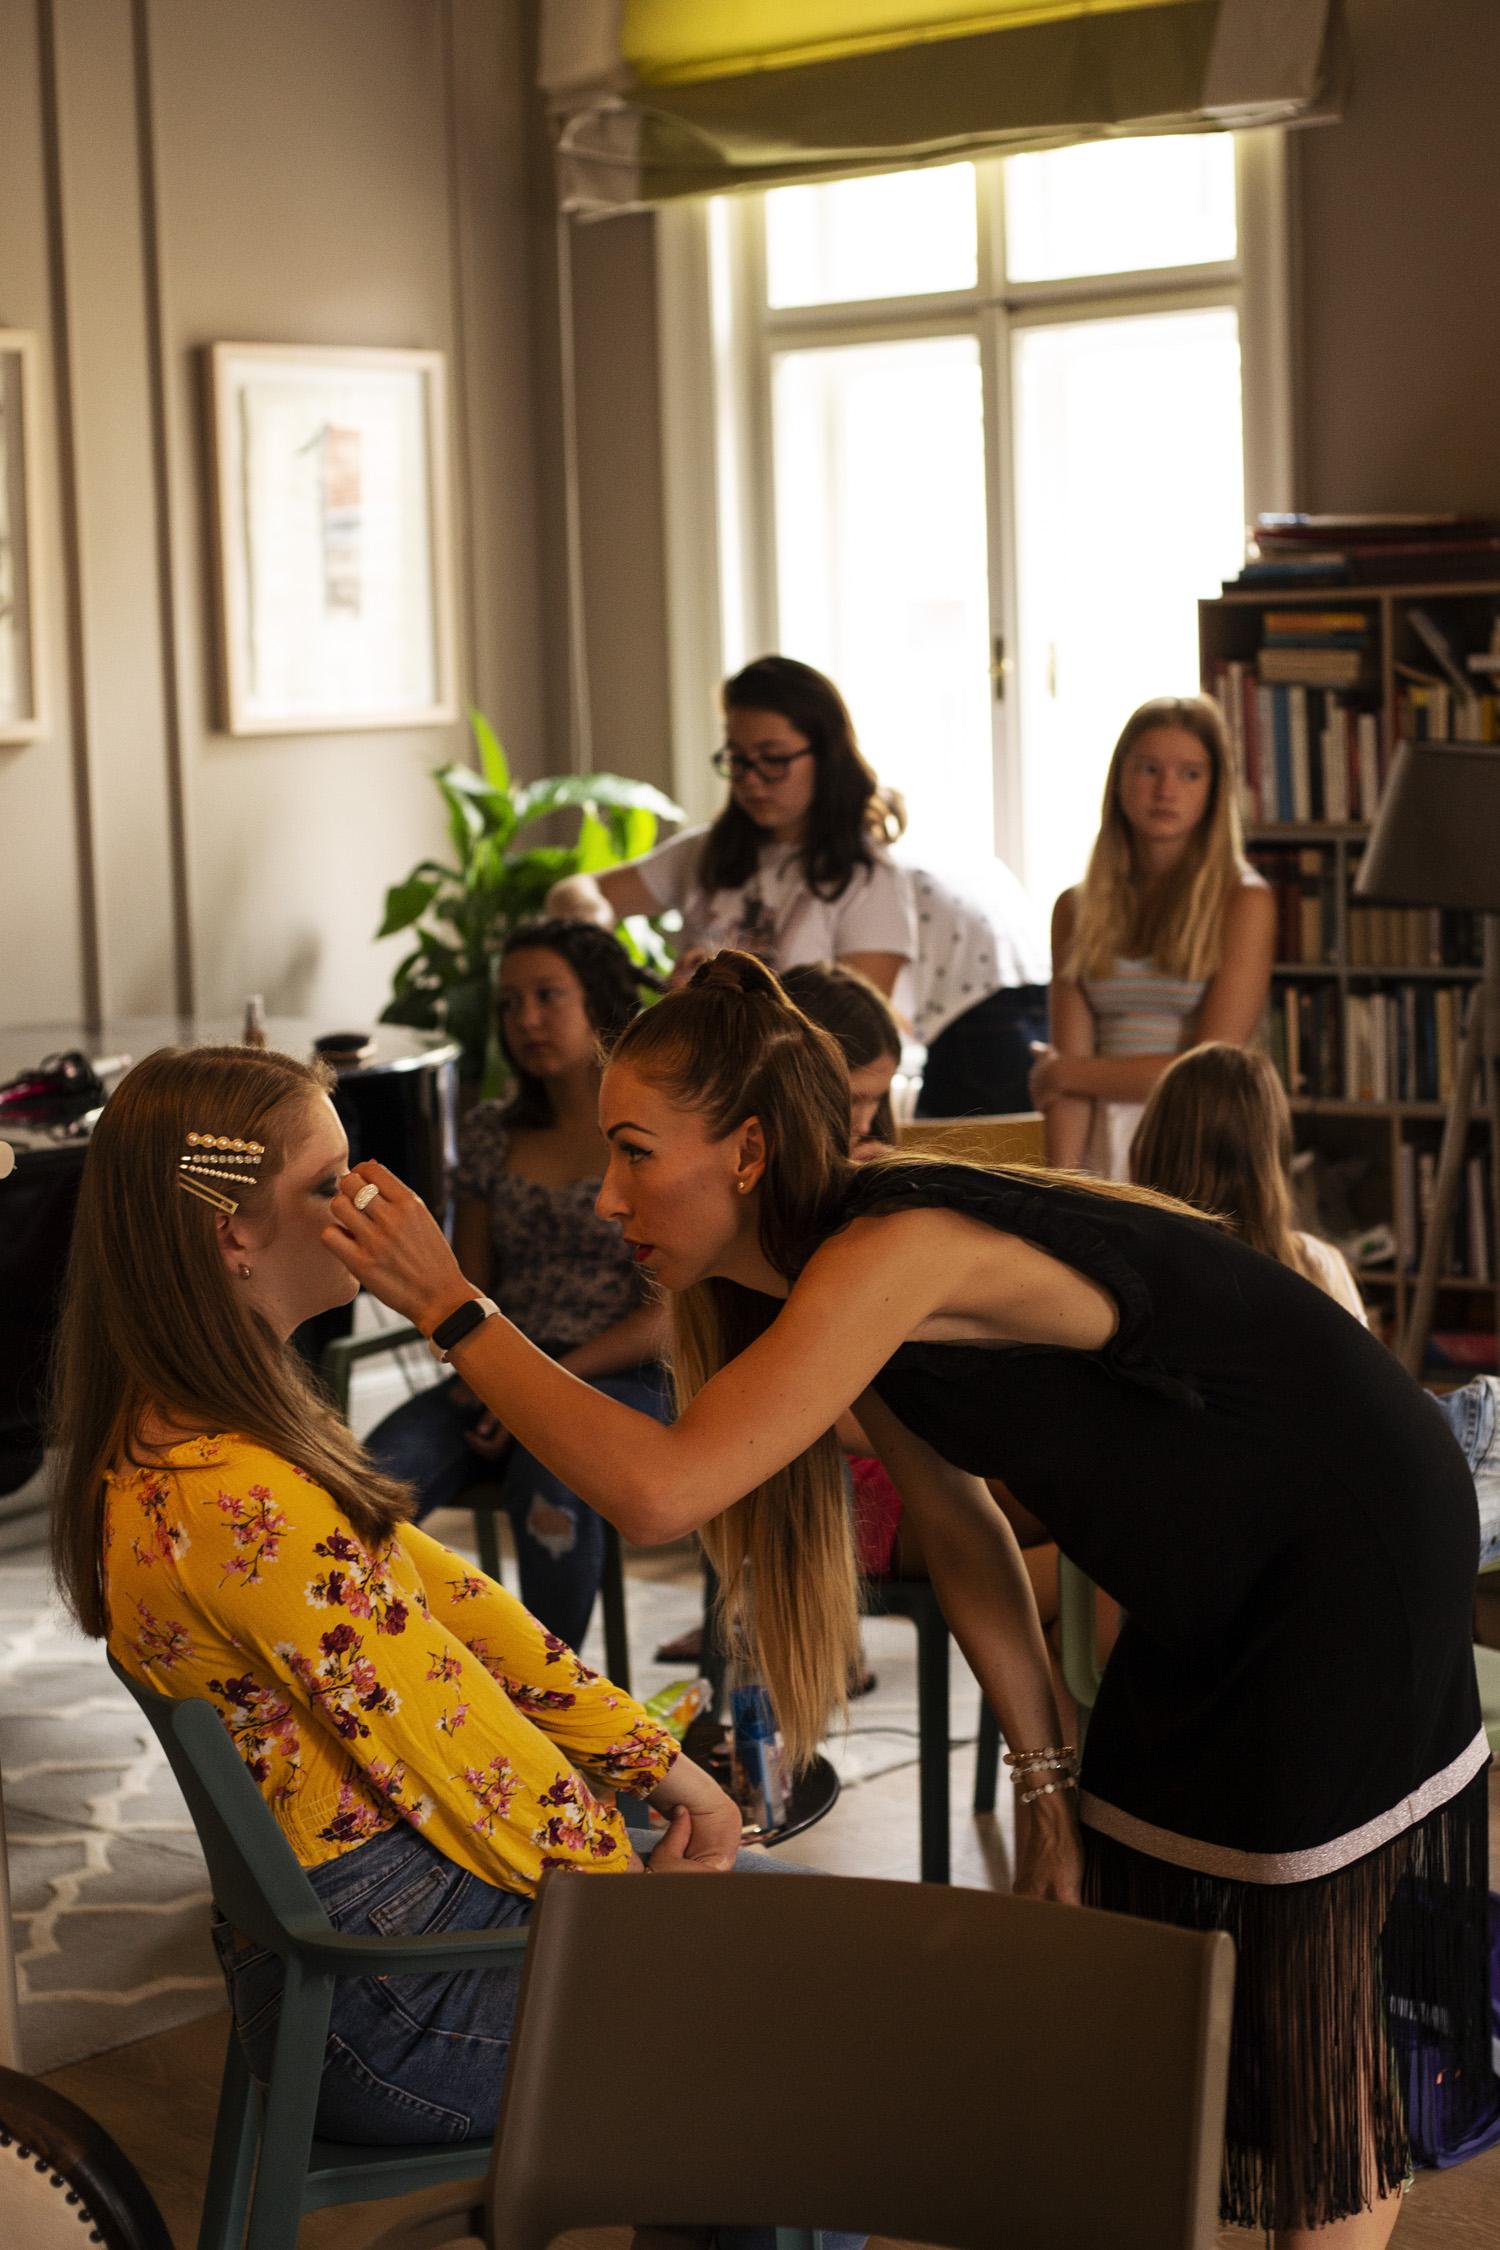 Melus, egy stylist hallgatónk épp a sminkelésben segít - Fotó: Orosz Dóri